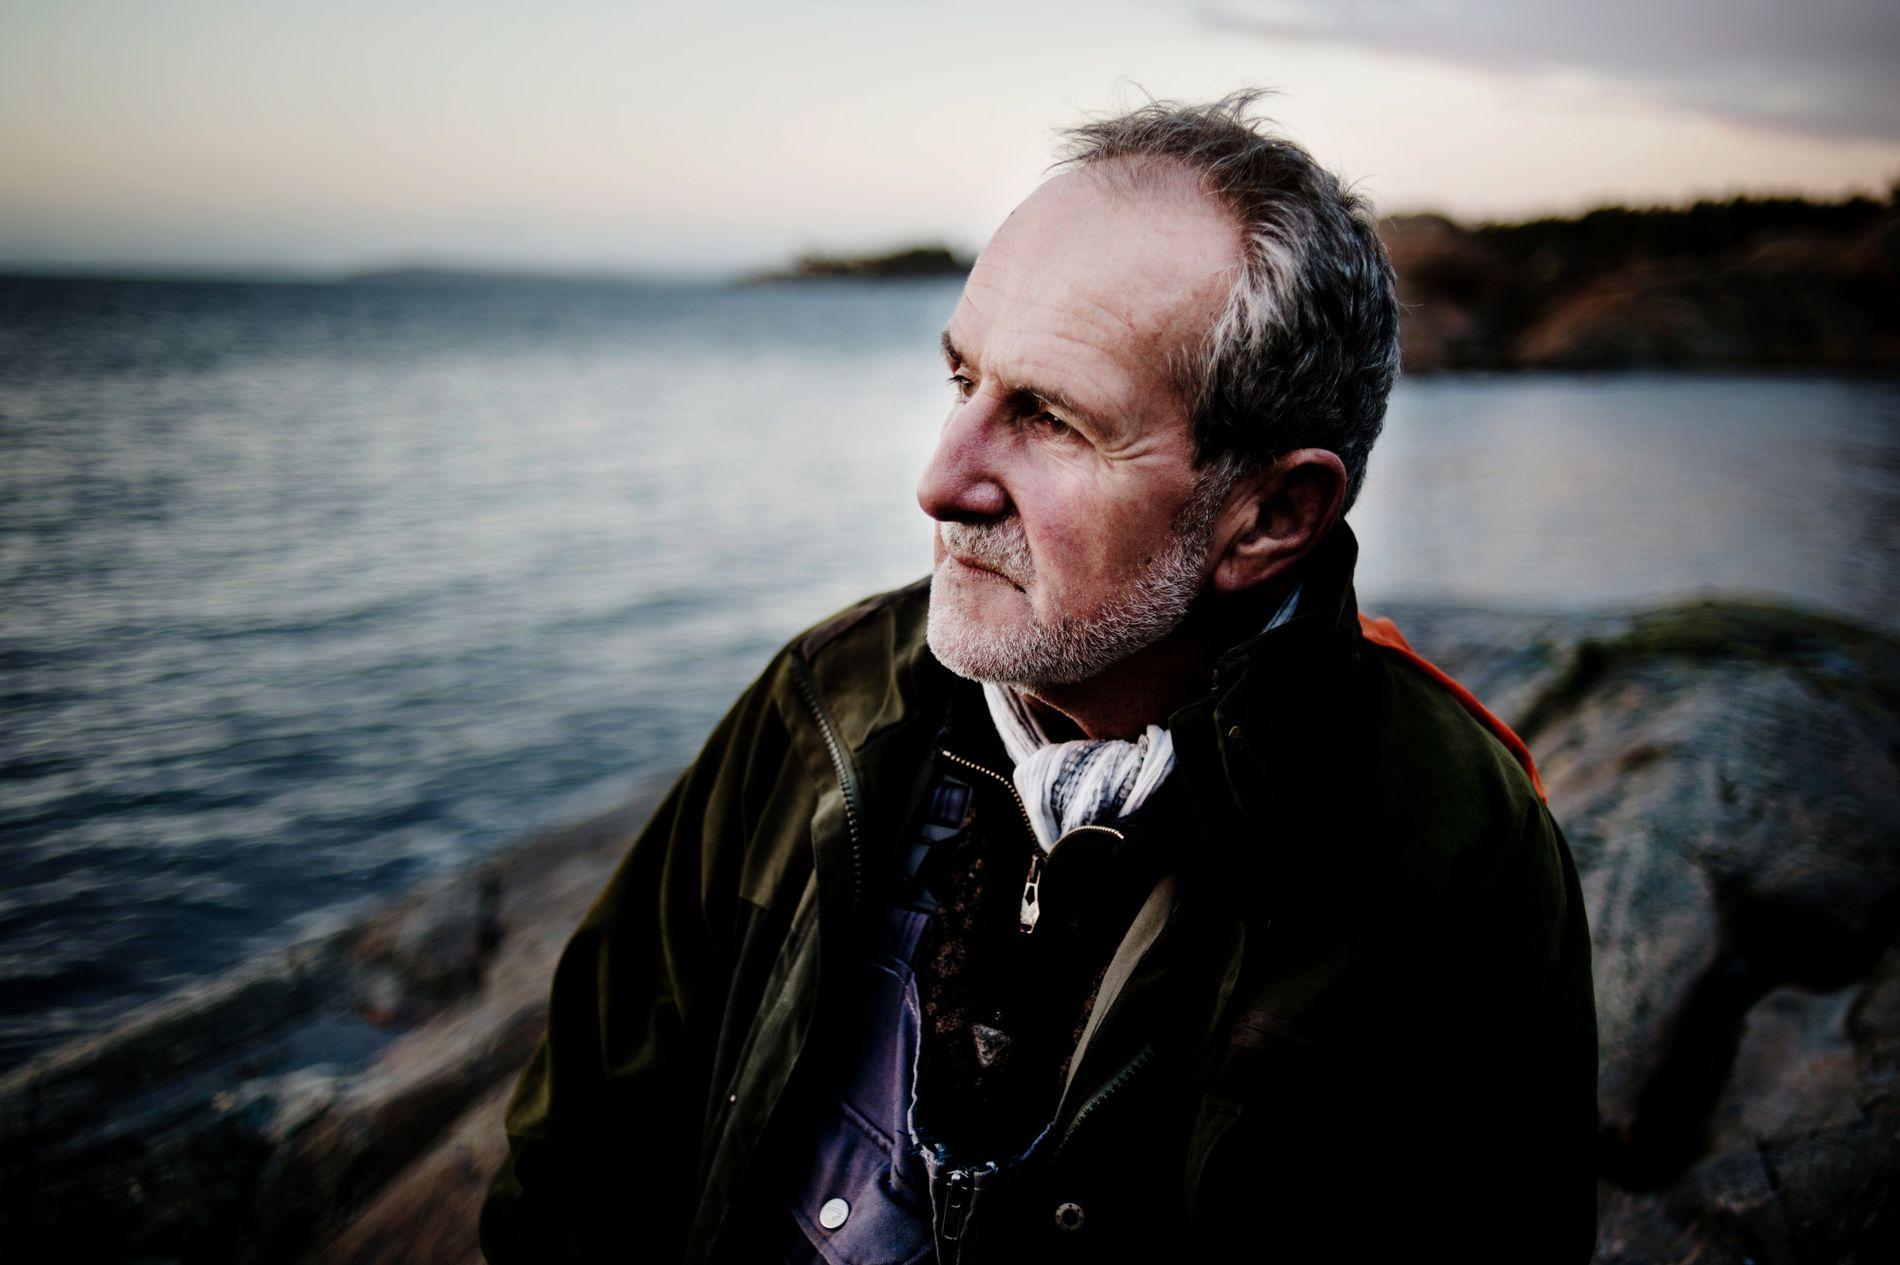 FOR EN FINALE: Det skriver VGs anmelder Sindre Hovdenakk om Jon Michelets siste bok i serien om Halvor Skramstad - og avslutningen på forfatterskapet